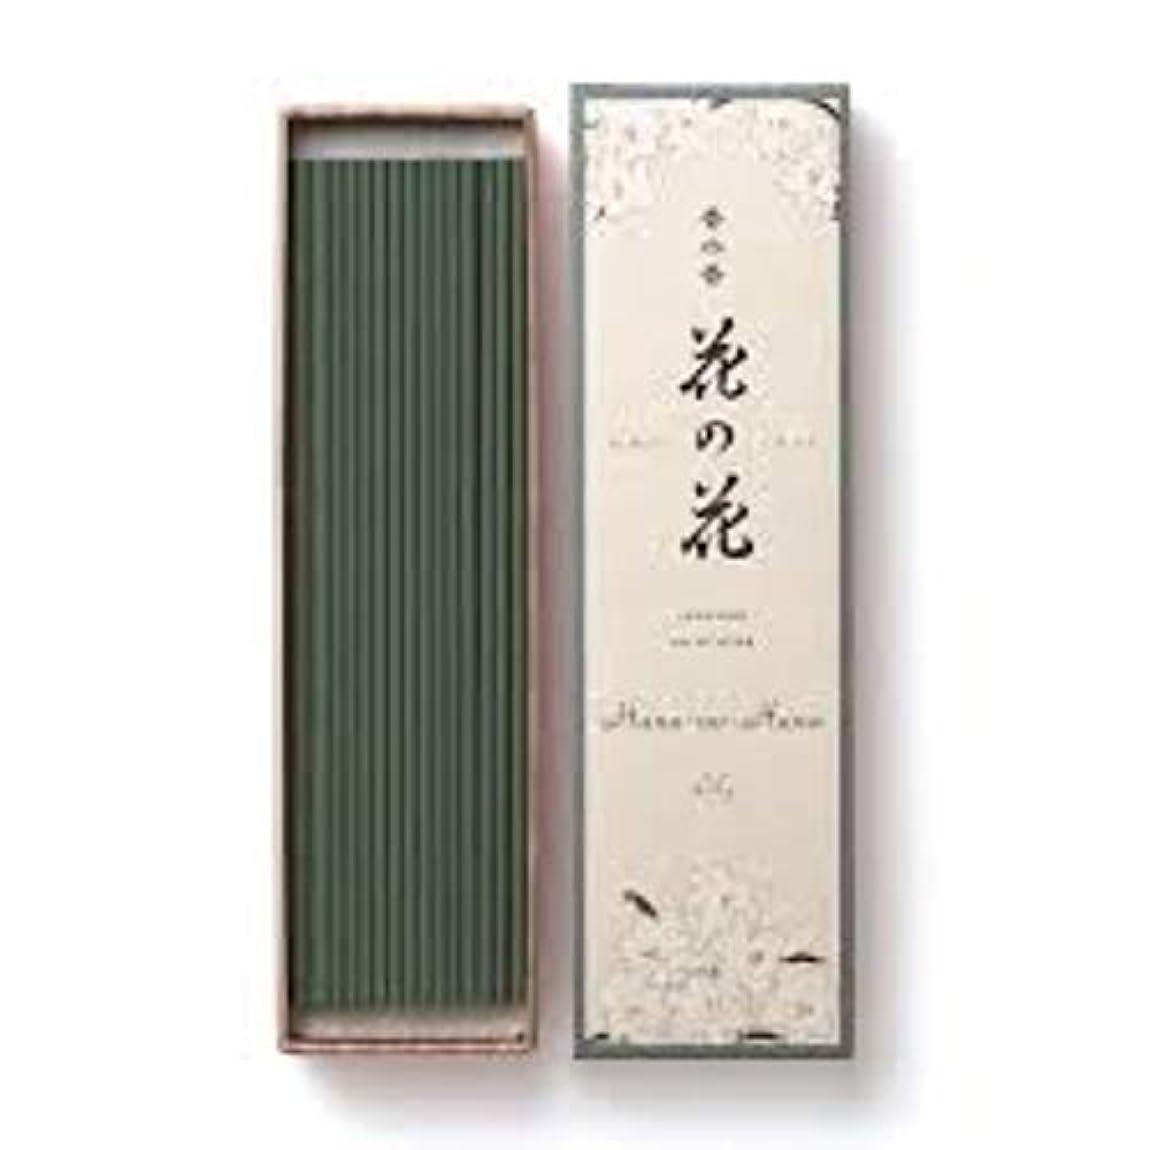 バラエティ感覚放棄お香 香水香花の花 ゆり 長寸40本入(30006)